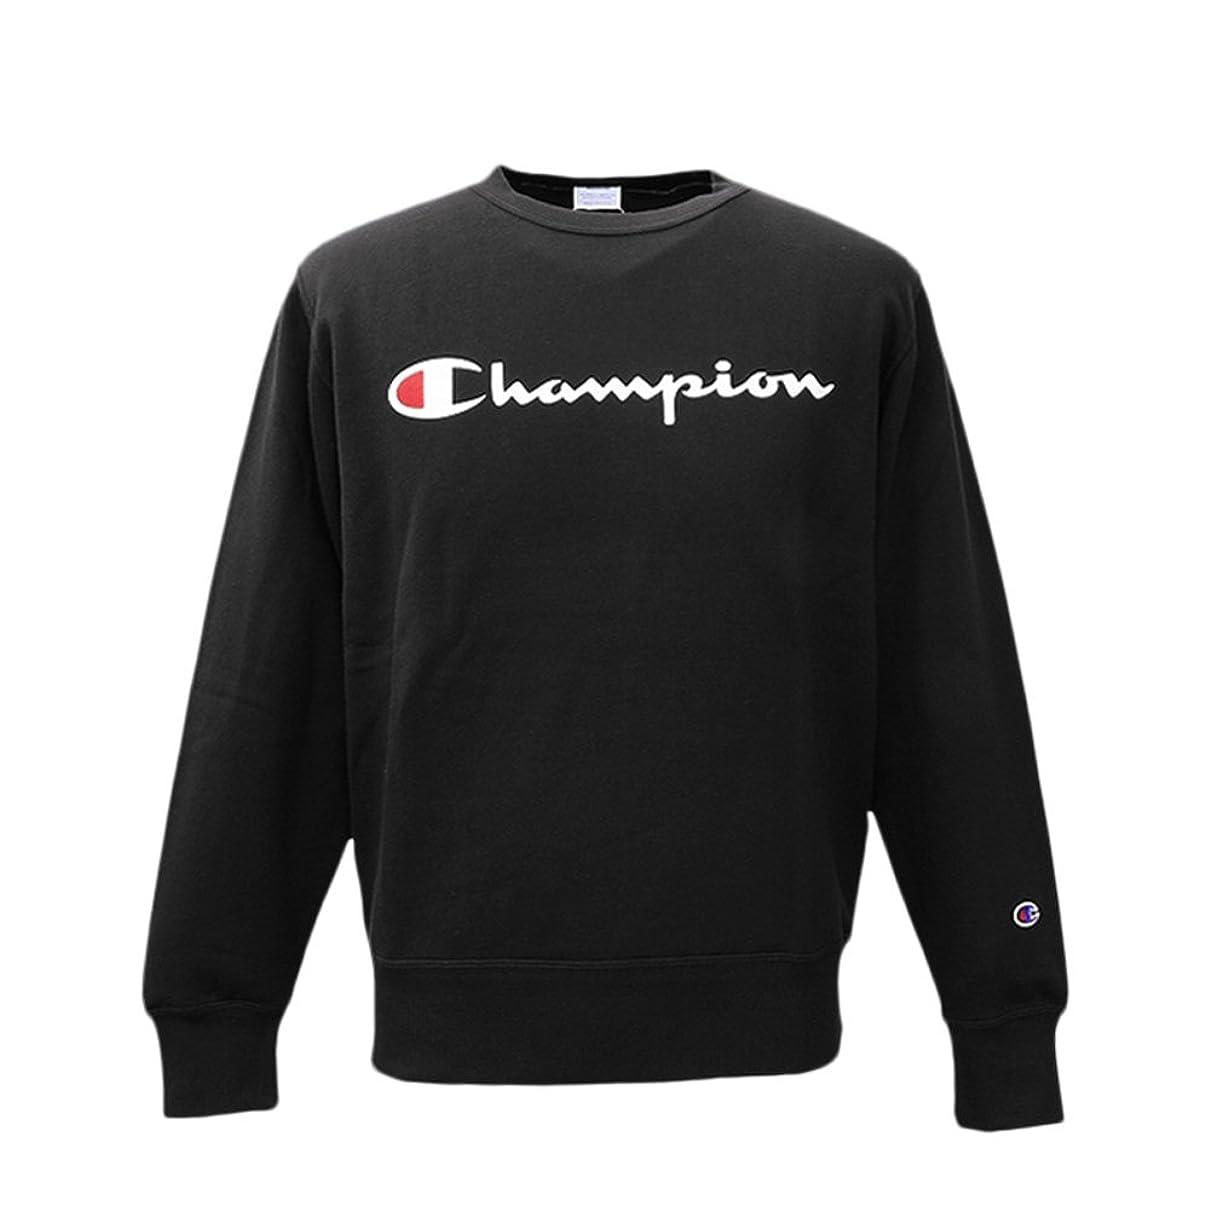 立ち寄るエイリアス演じるChampion チャンピオン メンズ クルーネック スウェットシャツ トレーナー C3H004 BLK Lサイズ